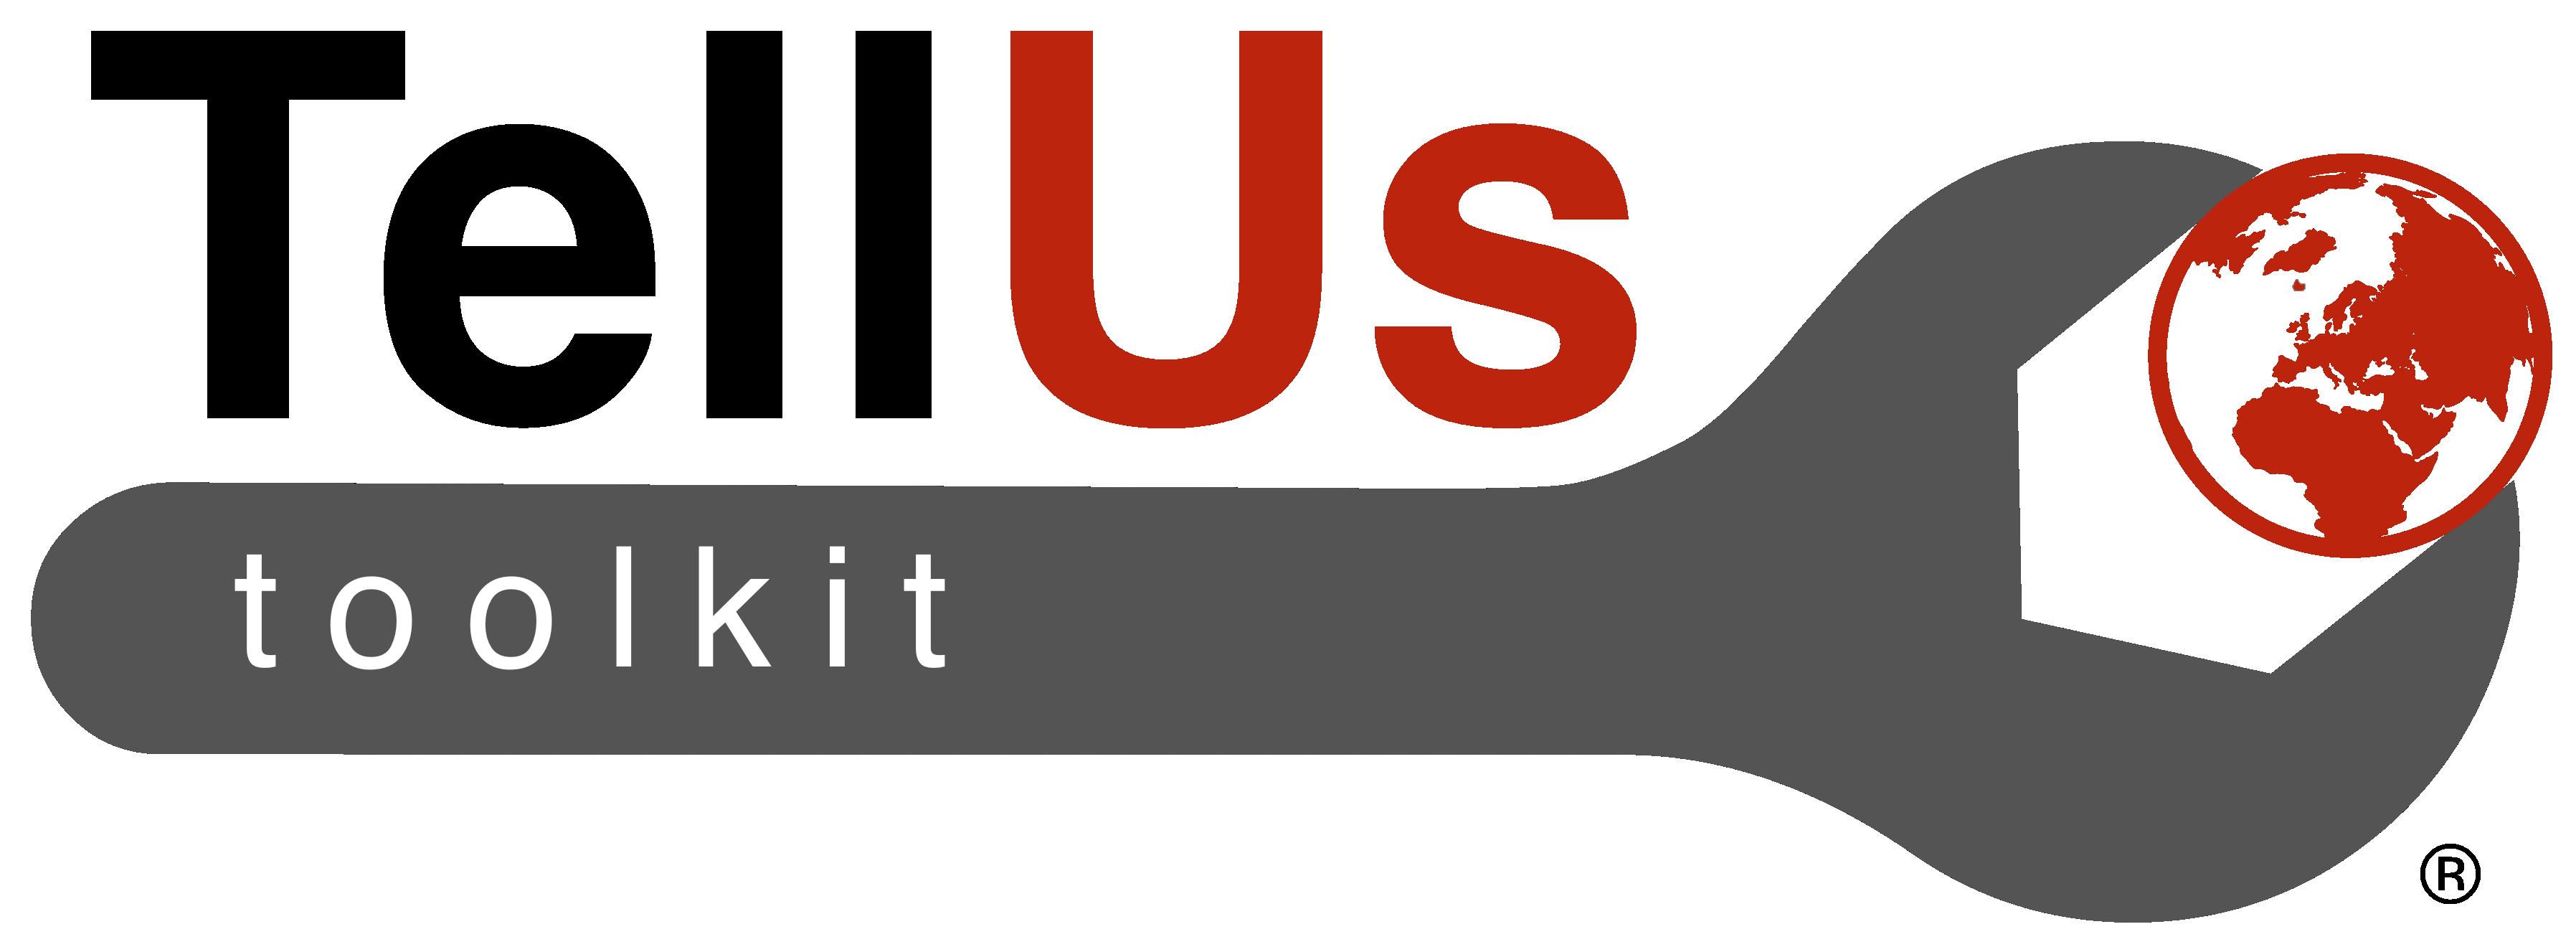 The TellUs Toolkit